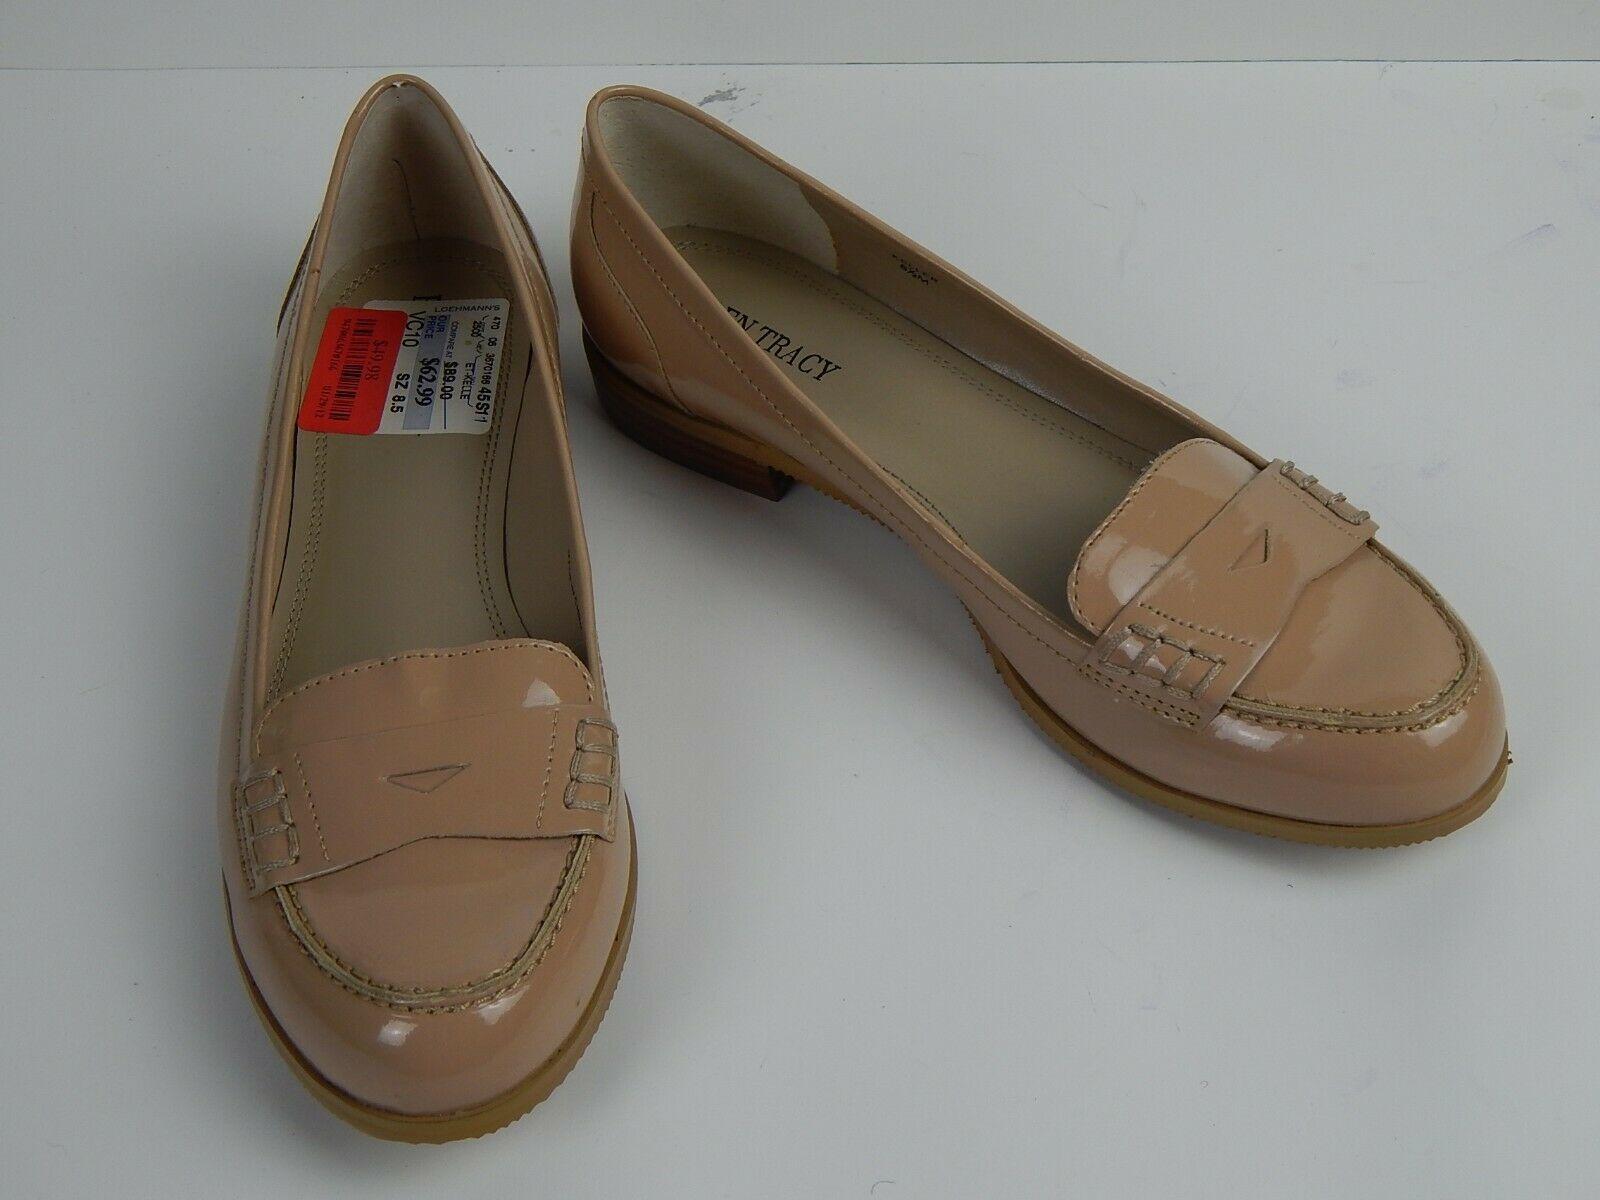 Ellen Tracy Women's Keller Penny Loafer Beige Shoes US Size 8.5 M - $39.00